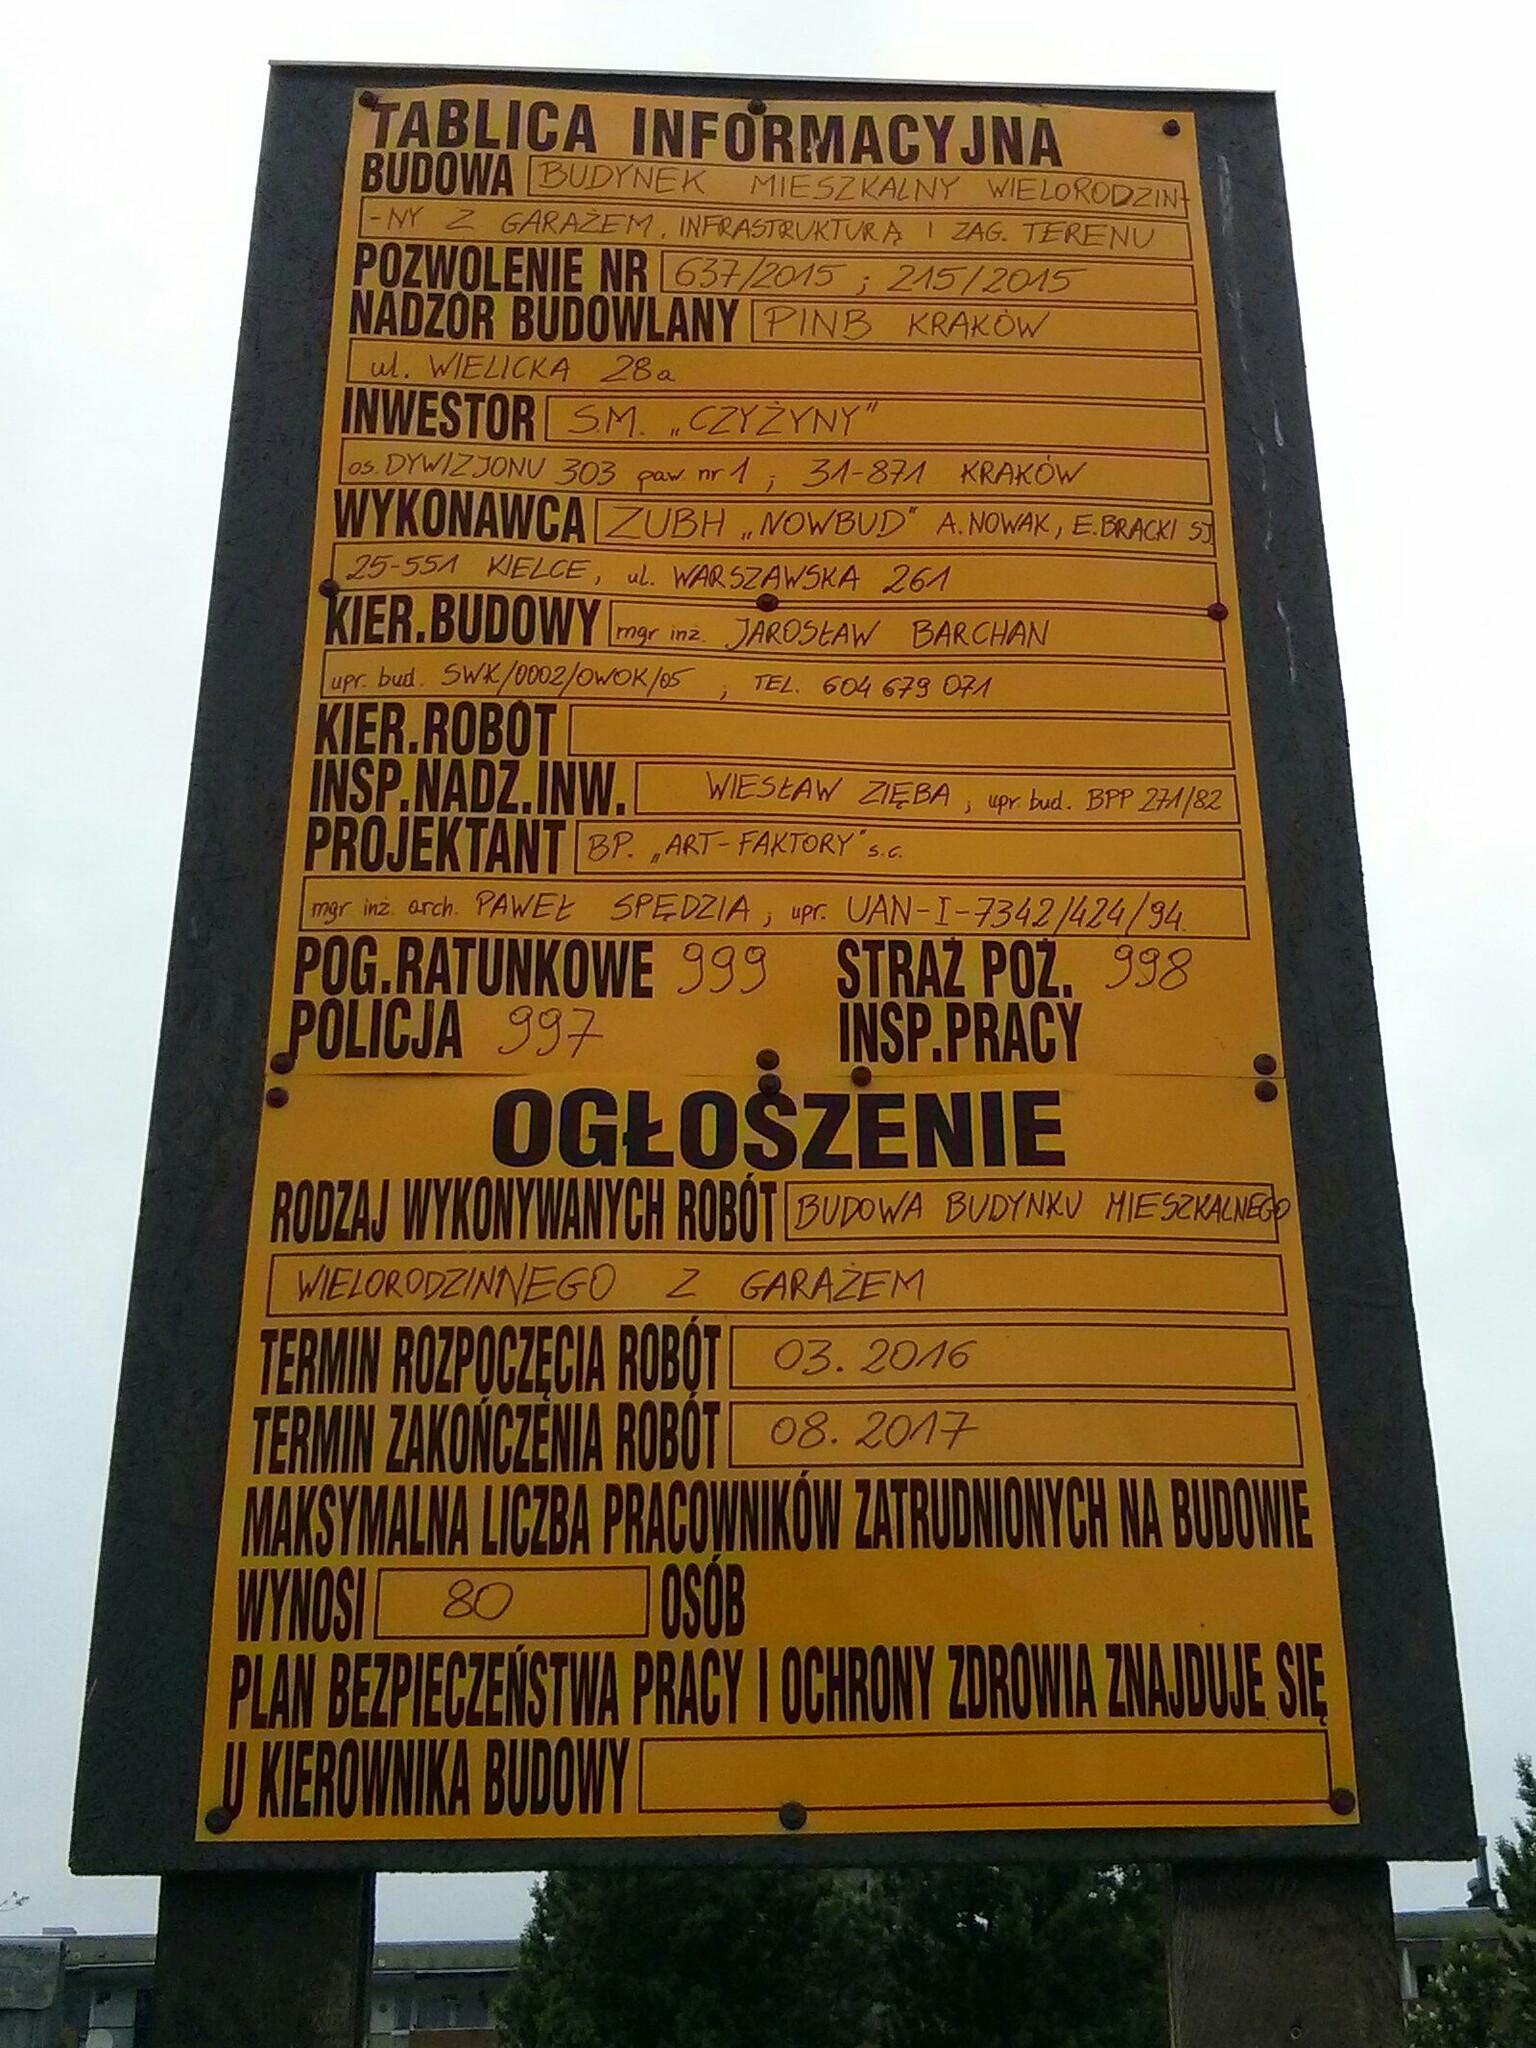 Tablica z informacjami o budowie prowadzonej przez spółdzielnię Czyżyny przy pasie